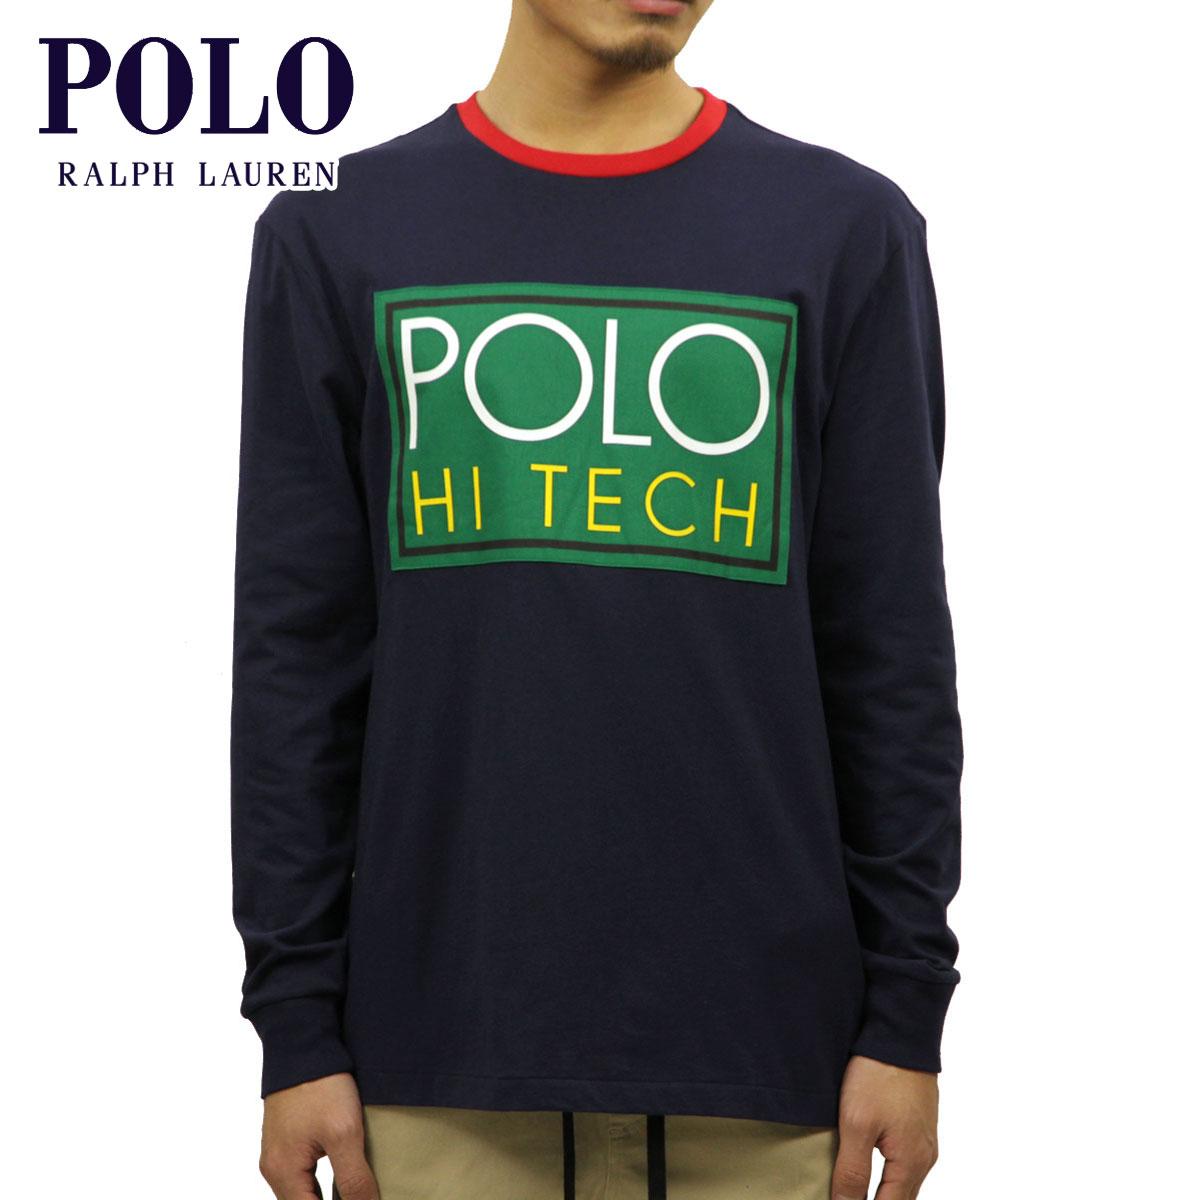 ポロ ラルフローレン POLO RALPH LAUREN 正規品 メンズ 長袖Tシャツ HI TECH LOGO GRAPHIC LONG-SLEEVE T-SHIRT CRUISE NAVY